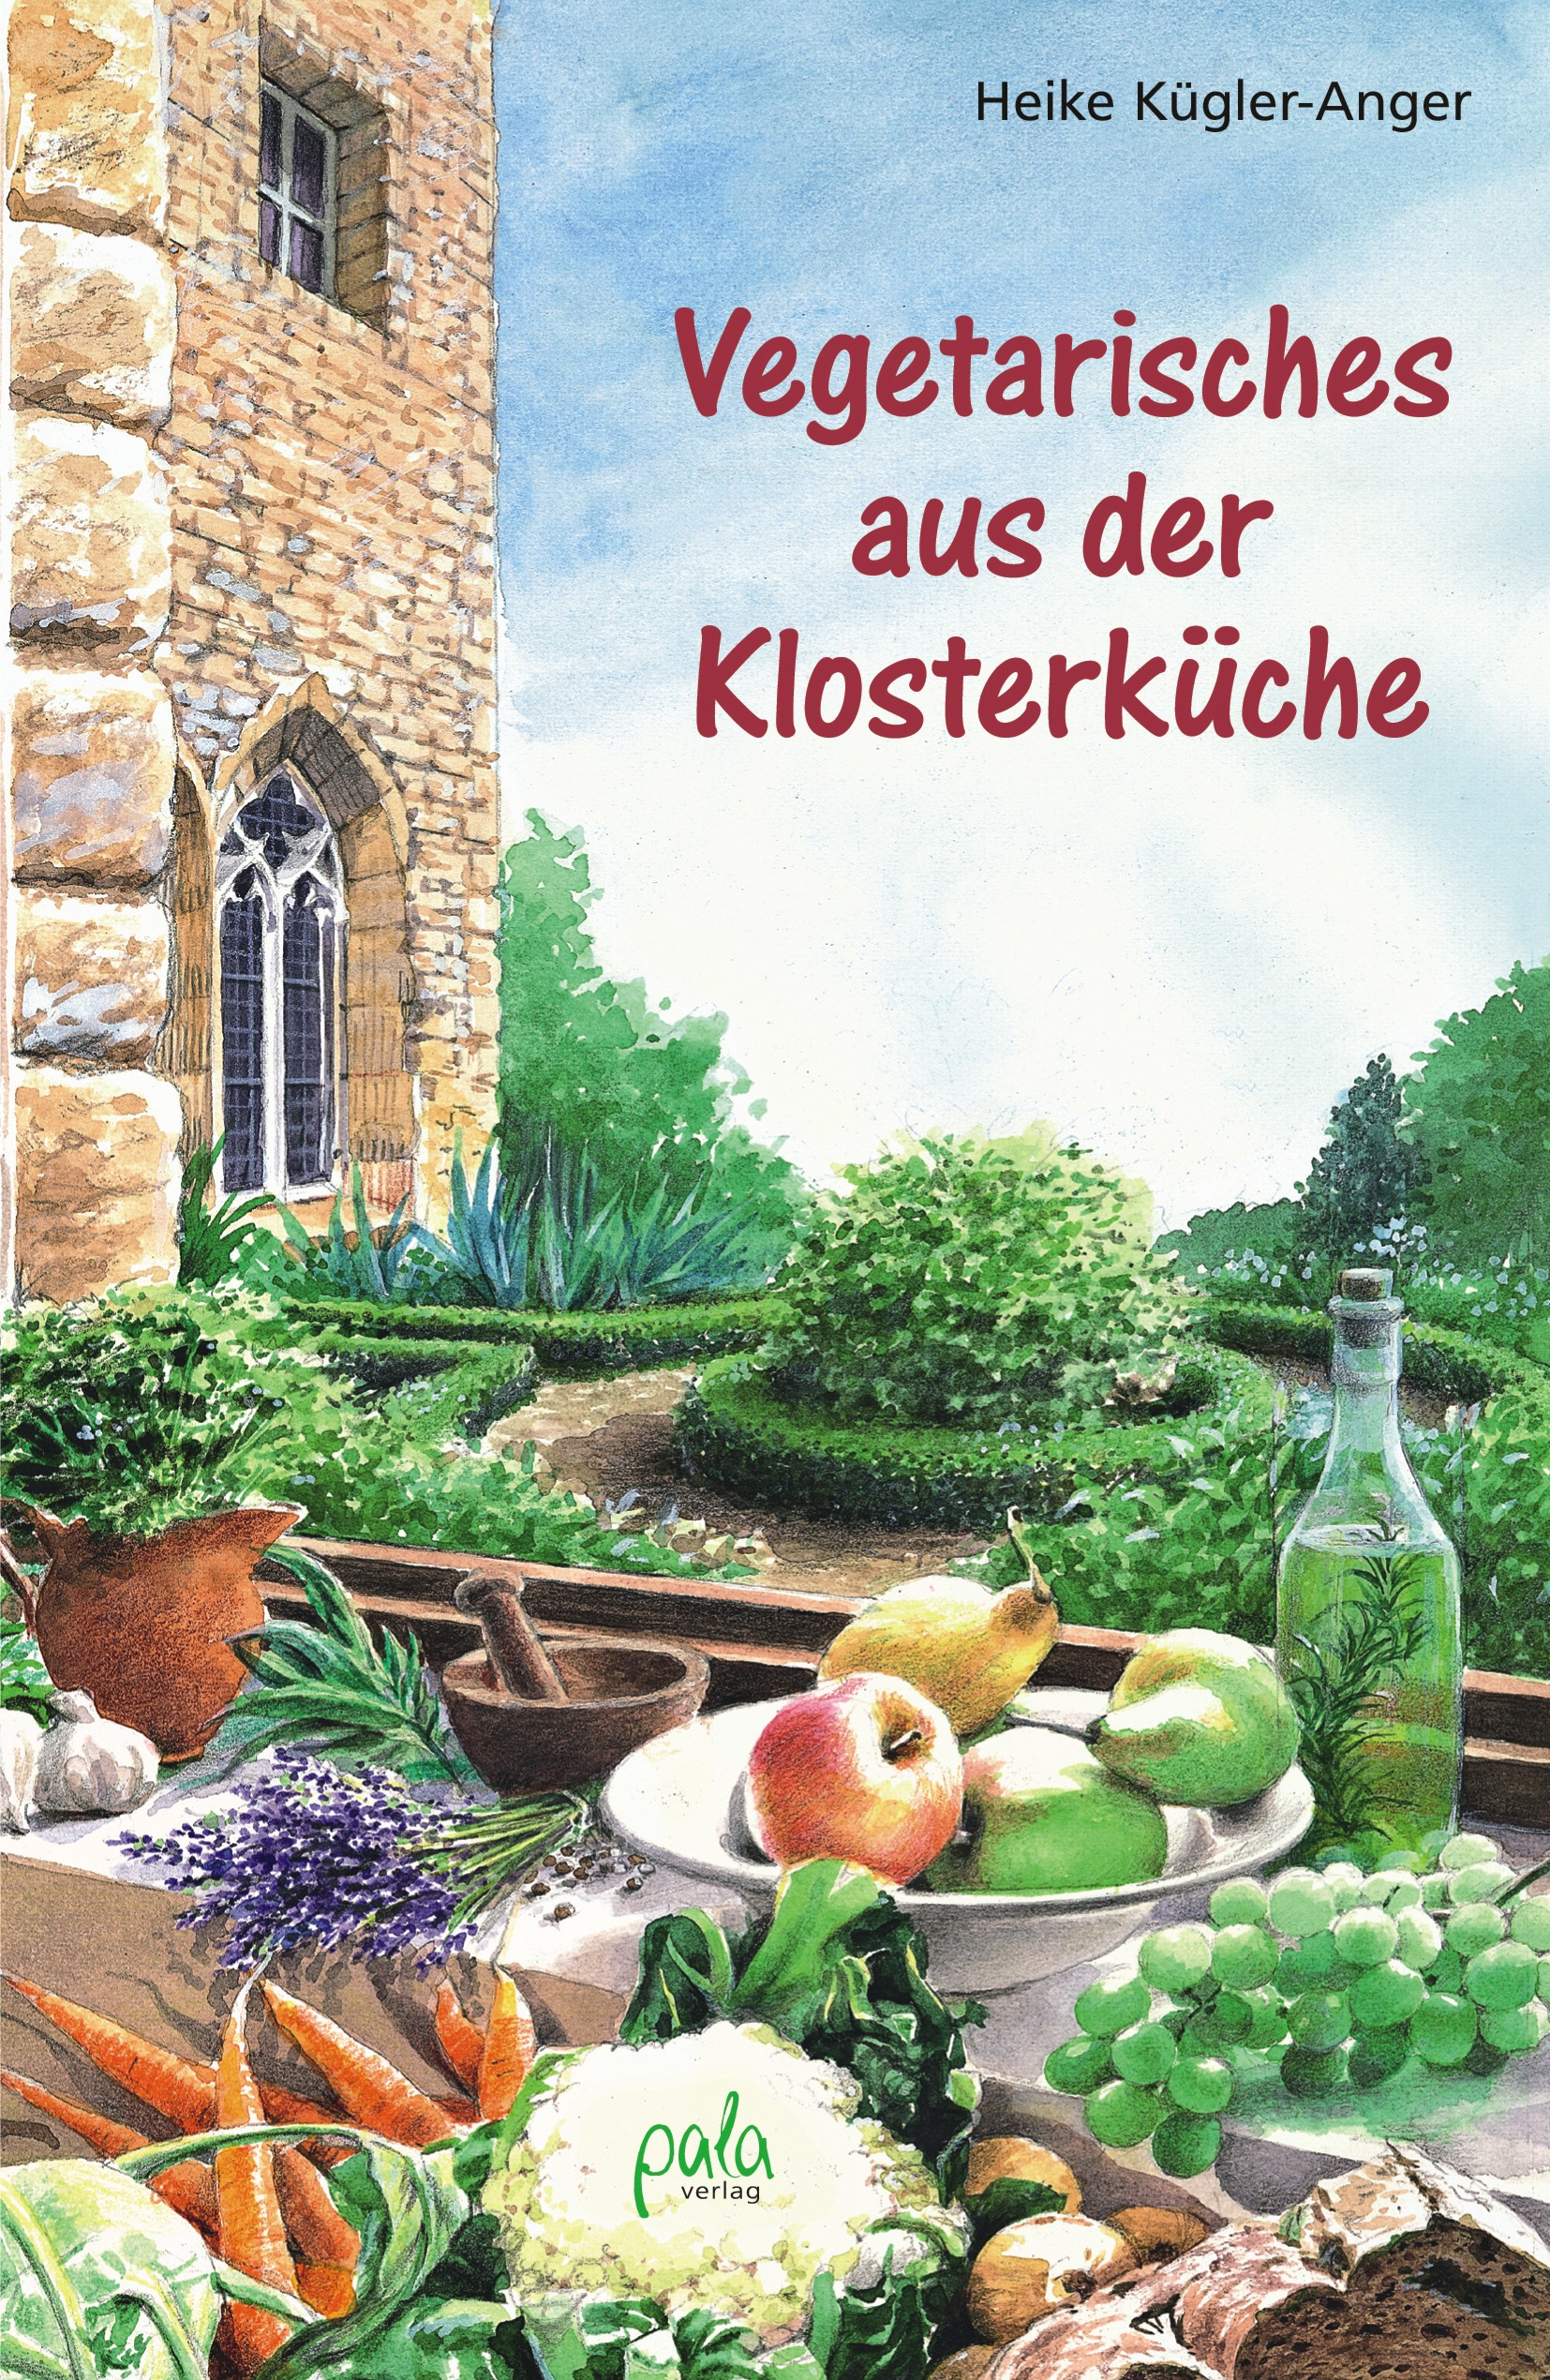 9783895662867 Vegetarisches aus der Klosterküche